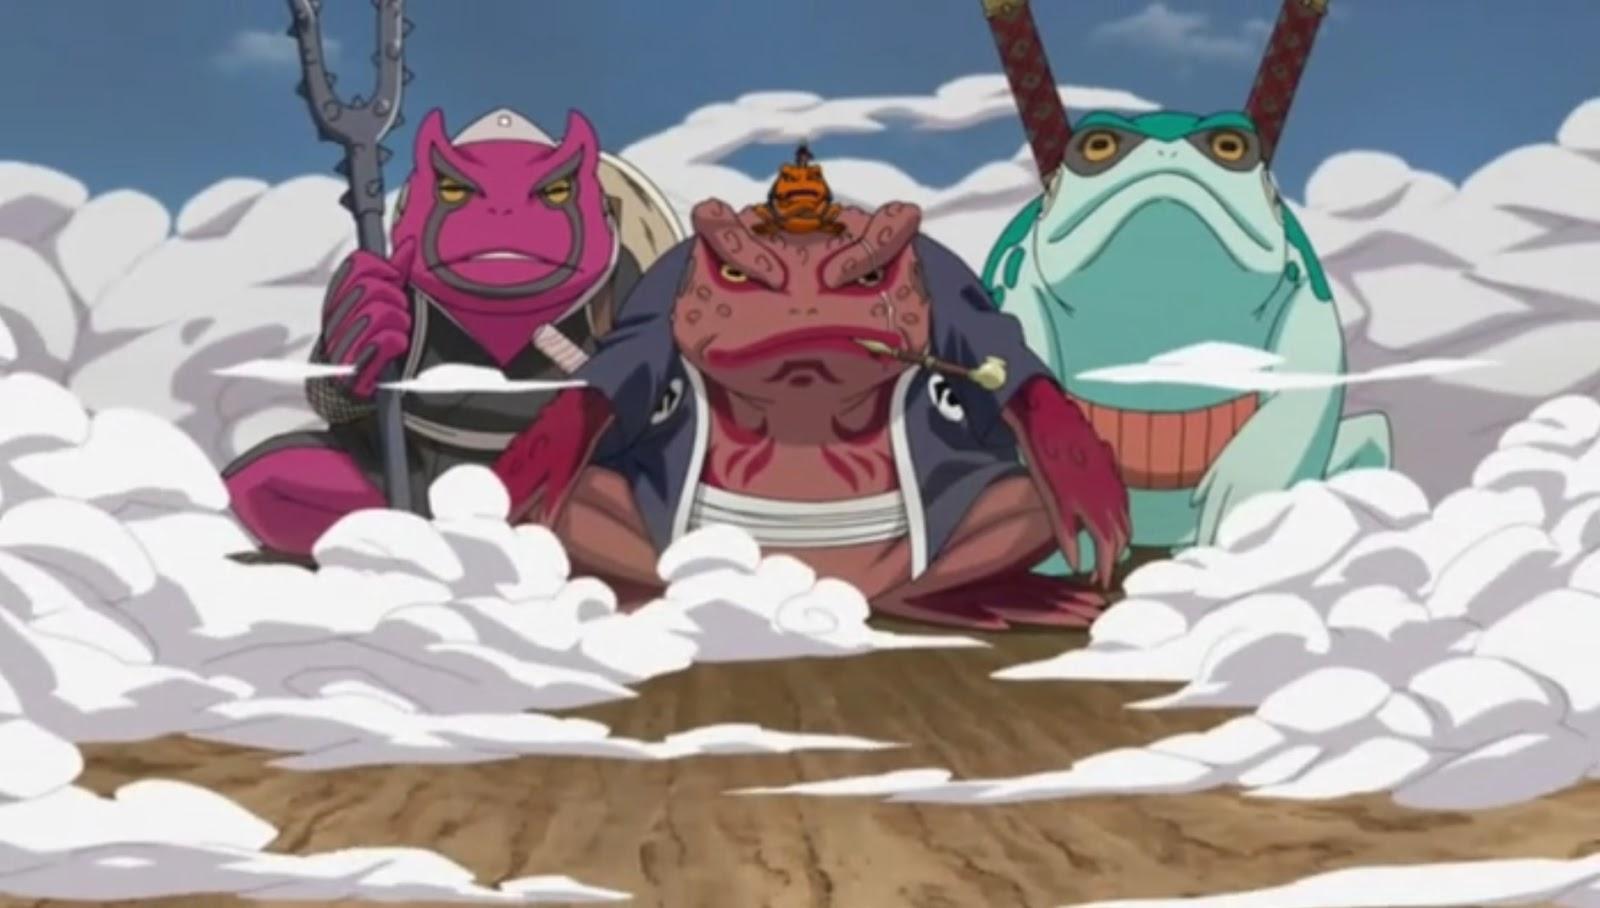 Naruto Shippuden Episódio 163, Assistir Naruto Shippuden Episódio 163, Assistir Naruto Shippuden Todos os Episódios Legendado, Naruto Shippuden episódio 163,HD